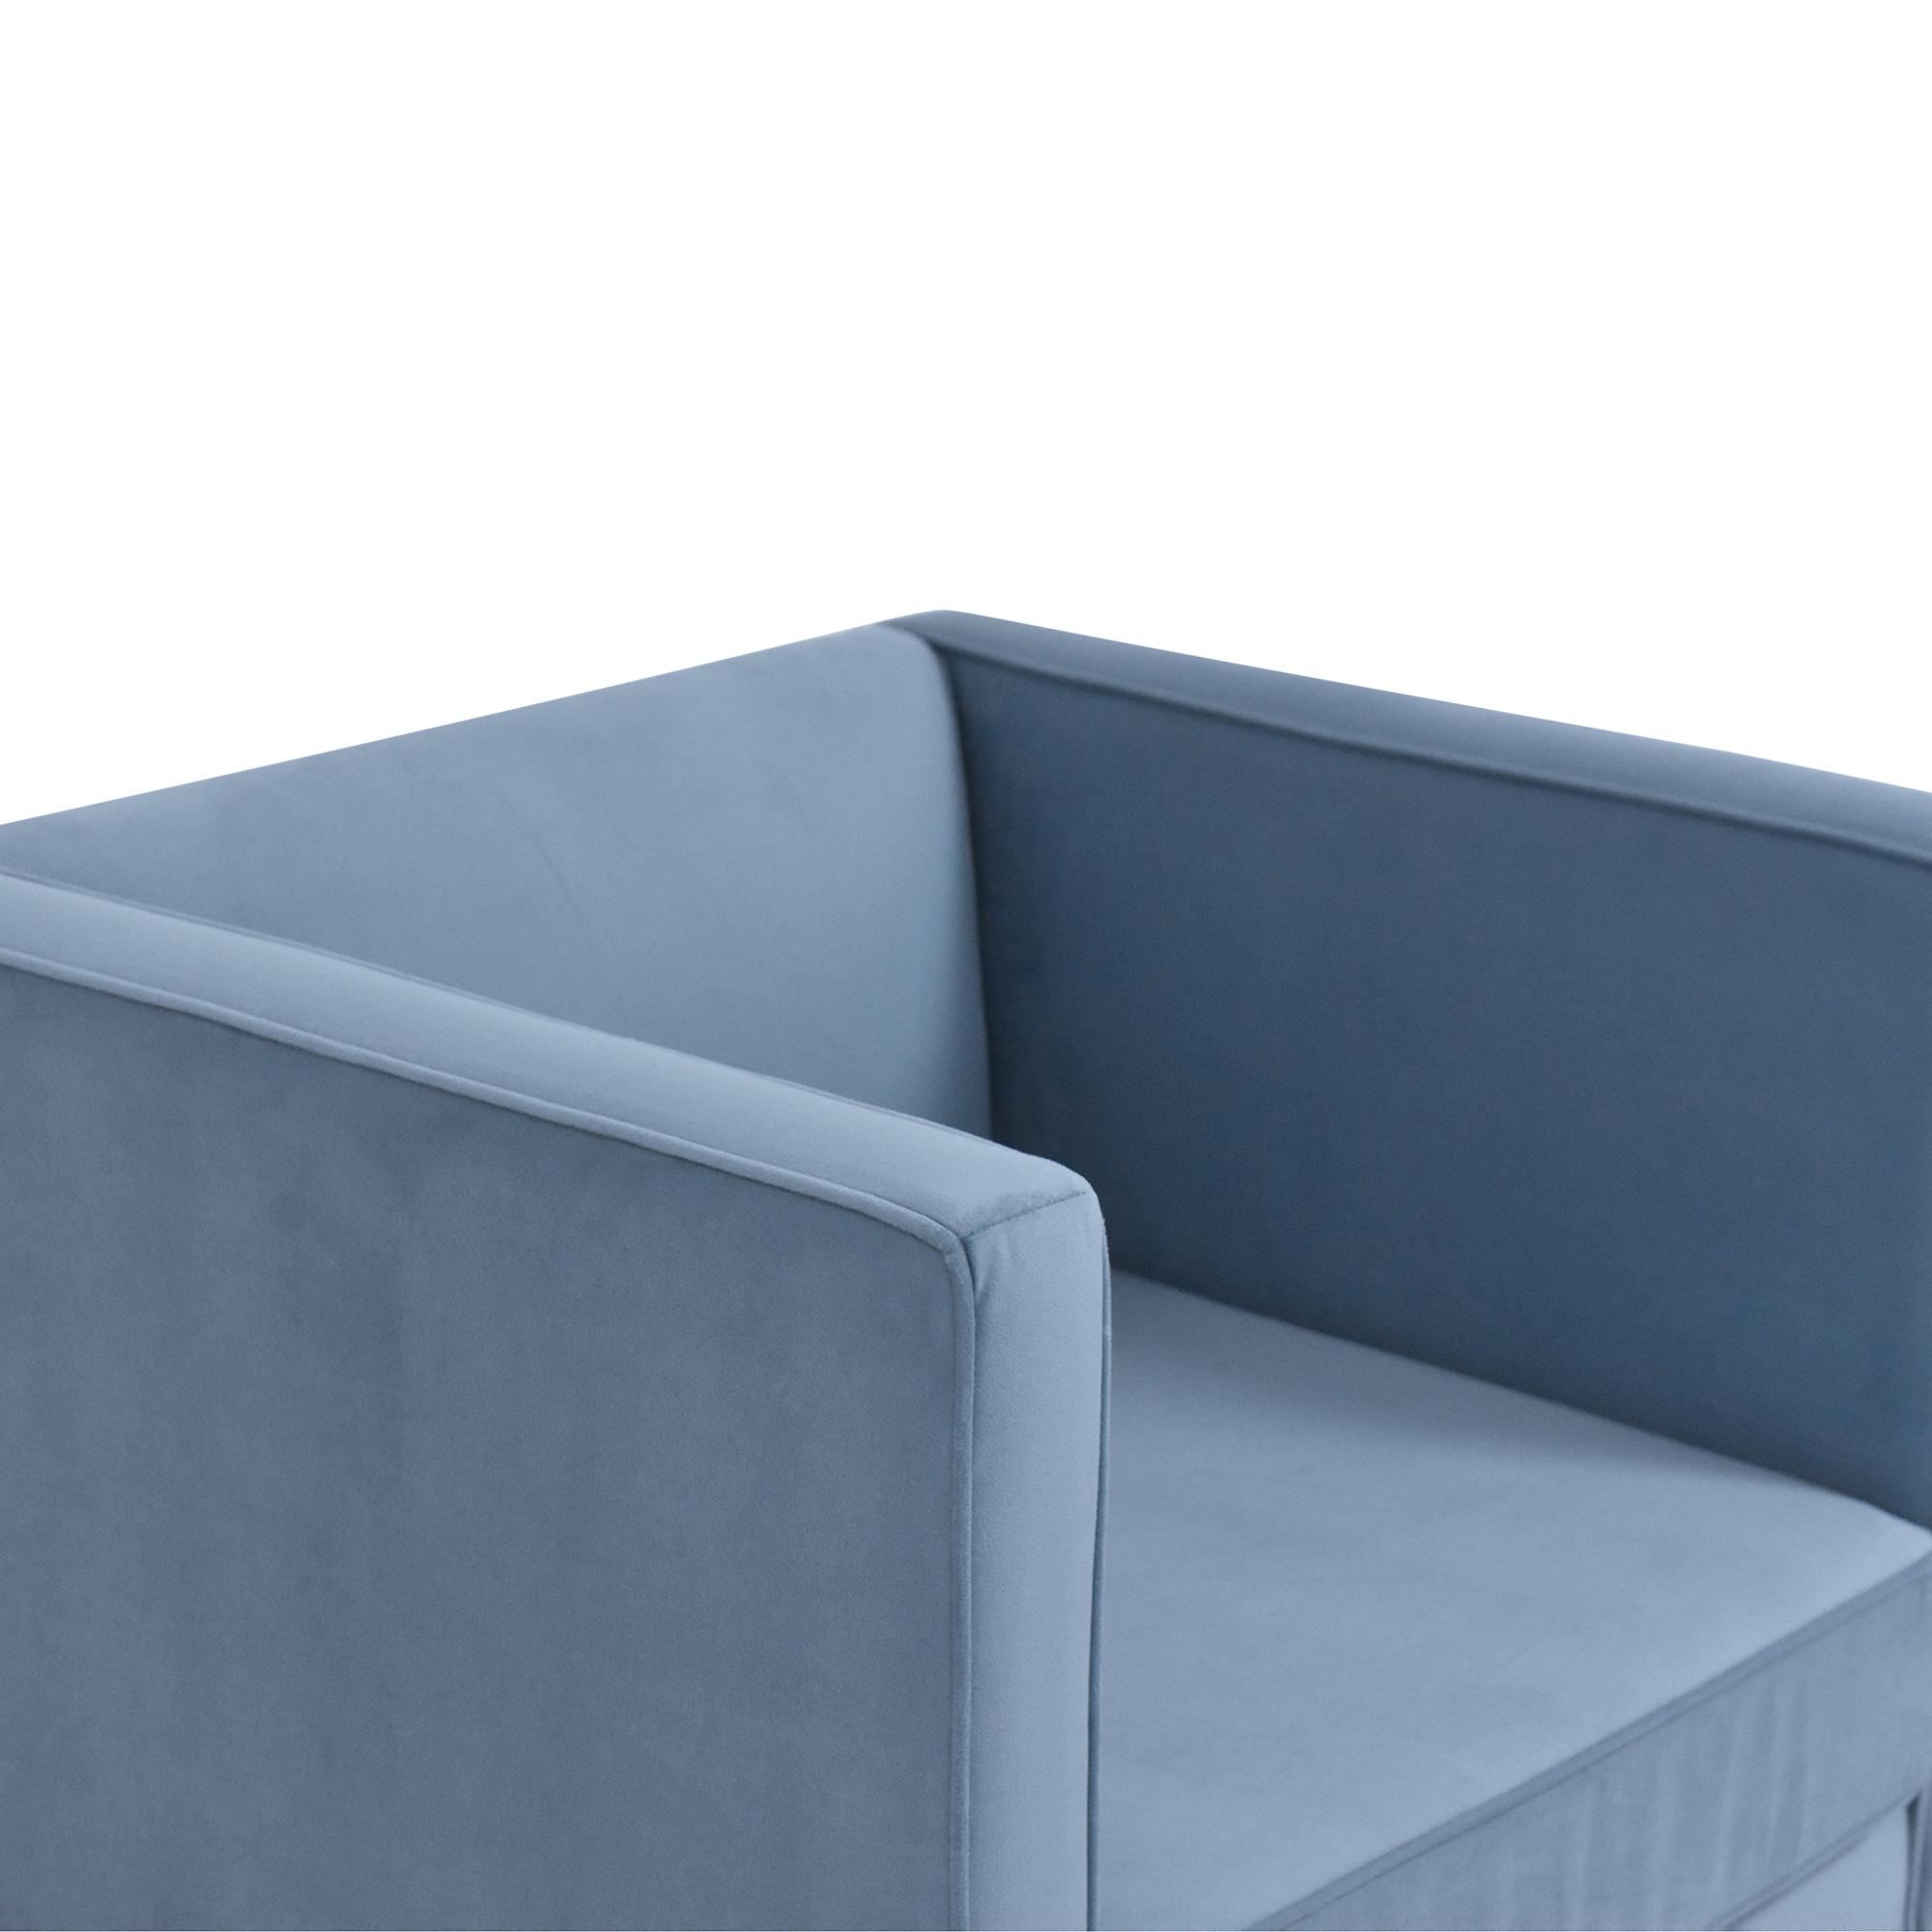 The Inside The Inside Tuxedo Chair